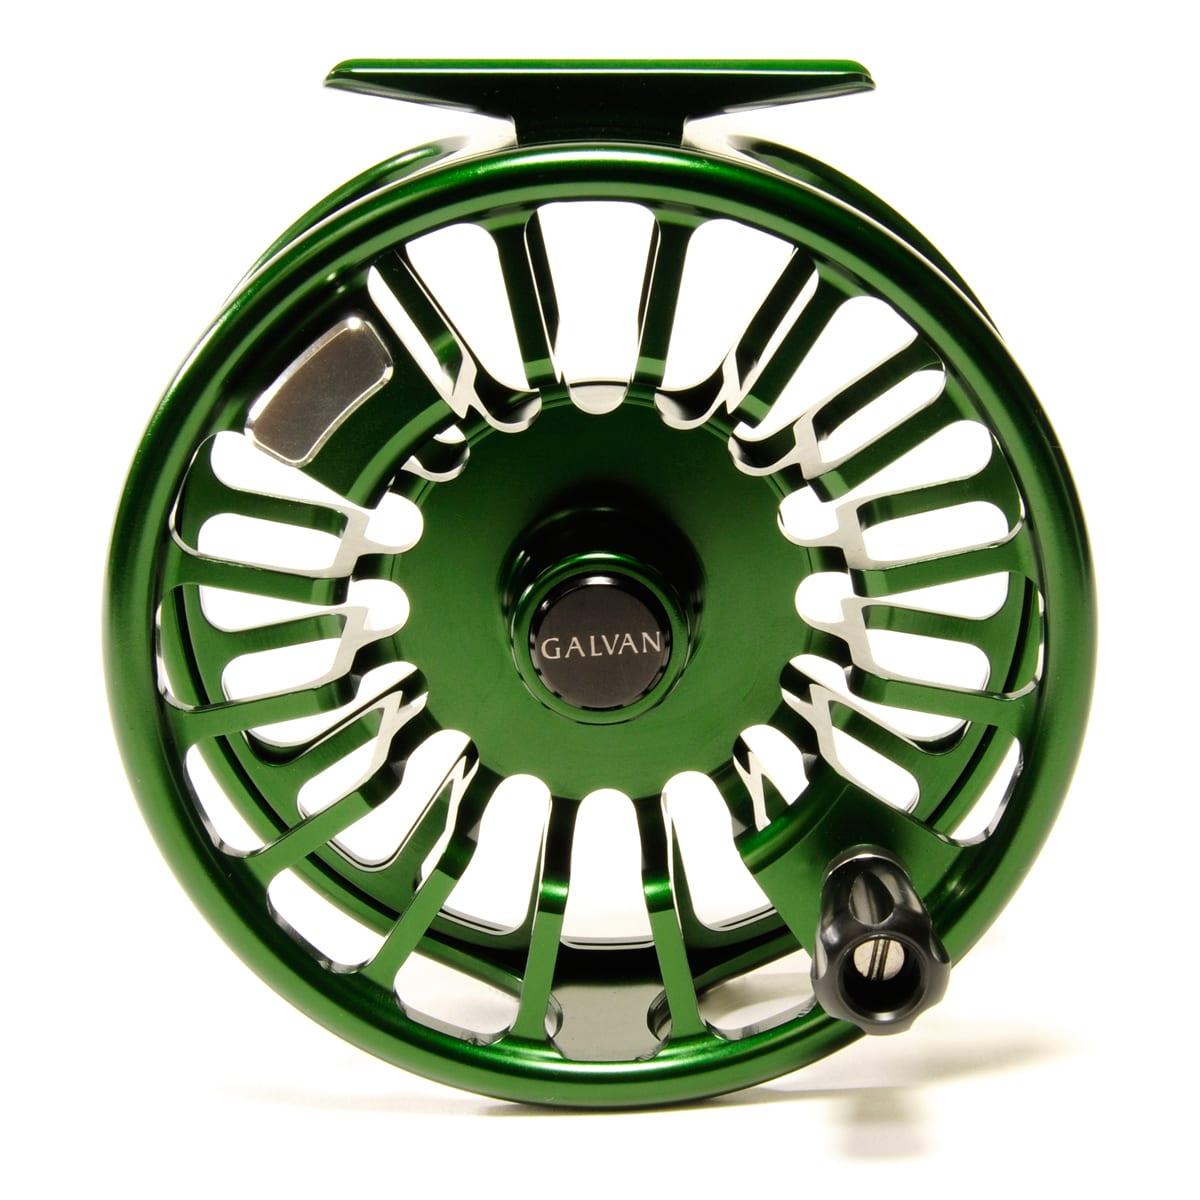 galvan torque reel green